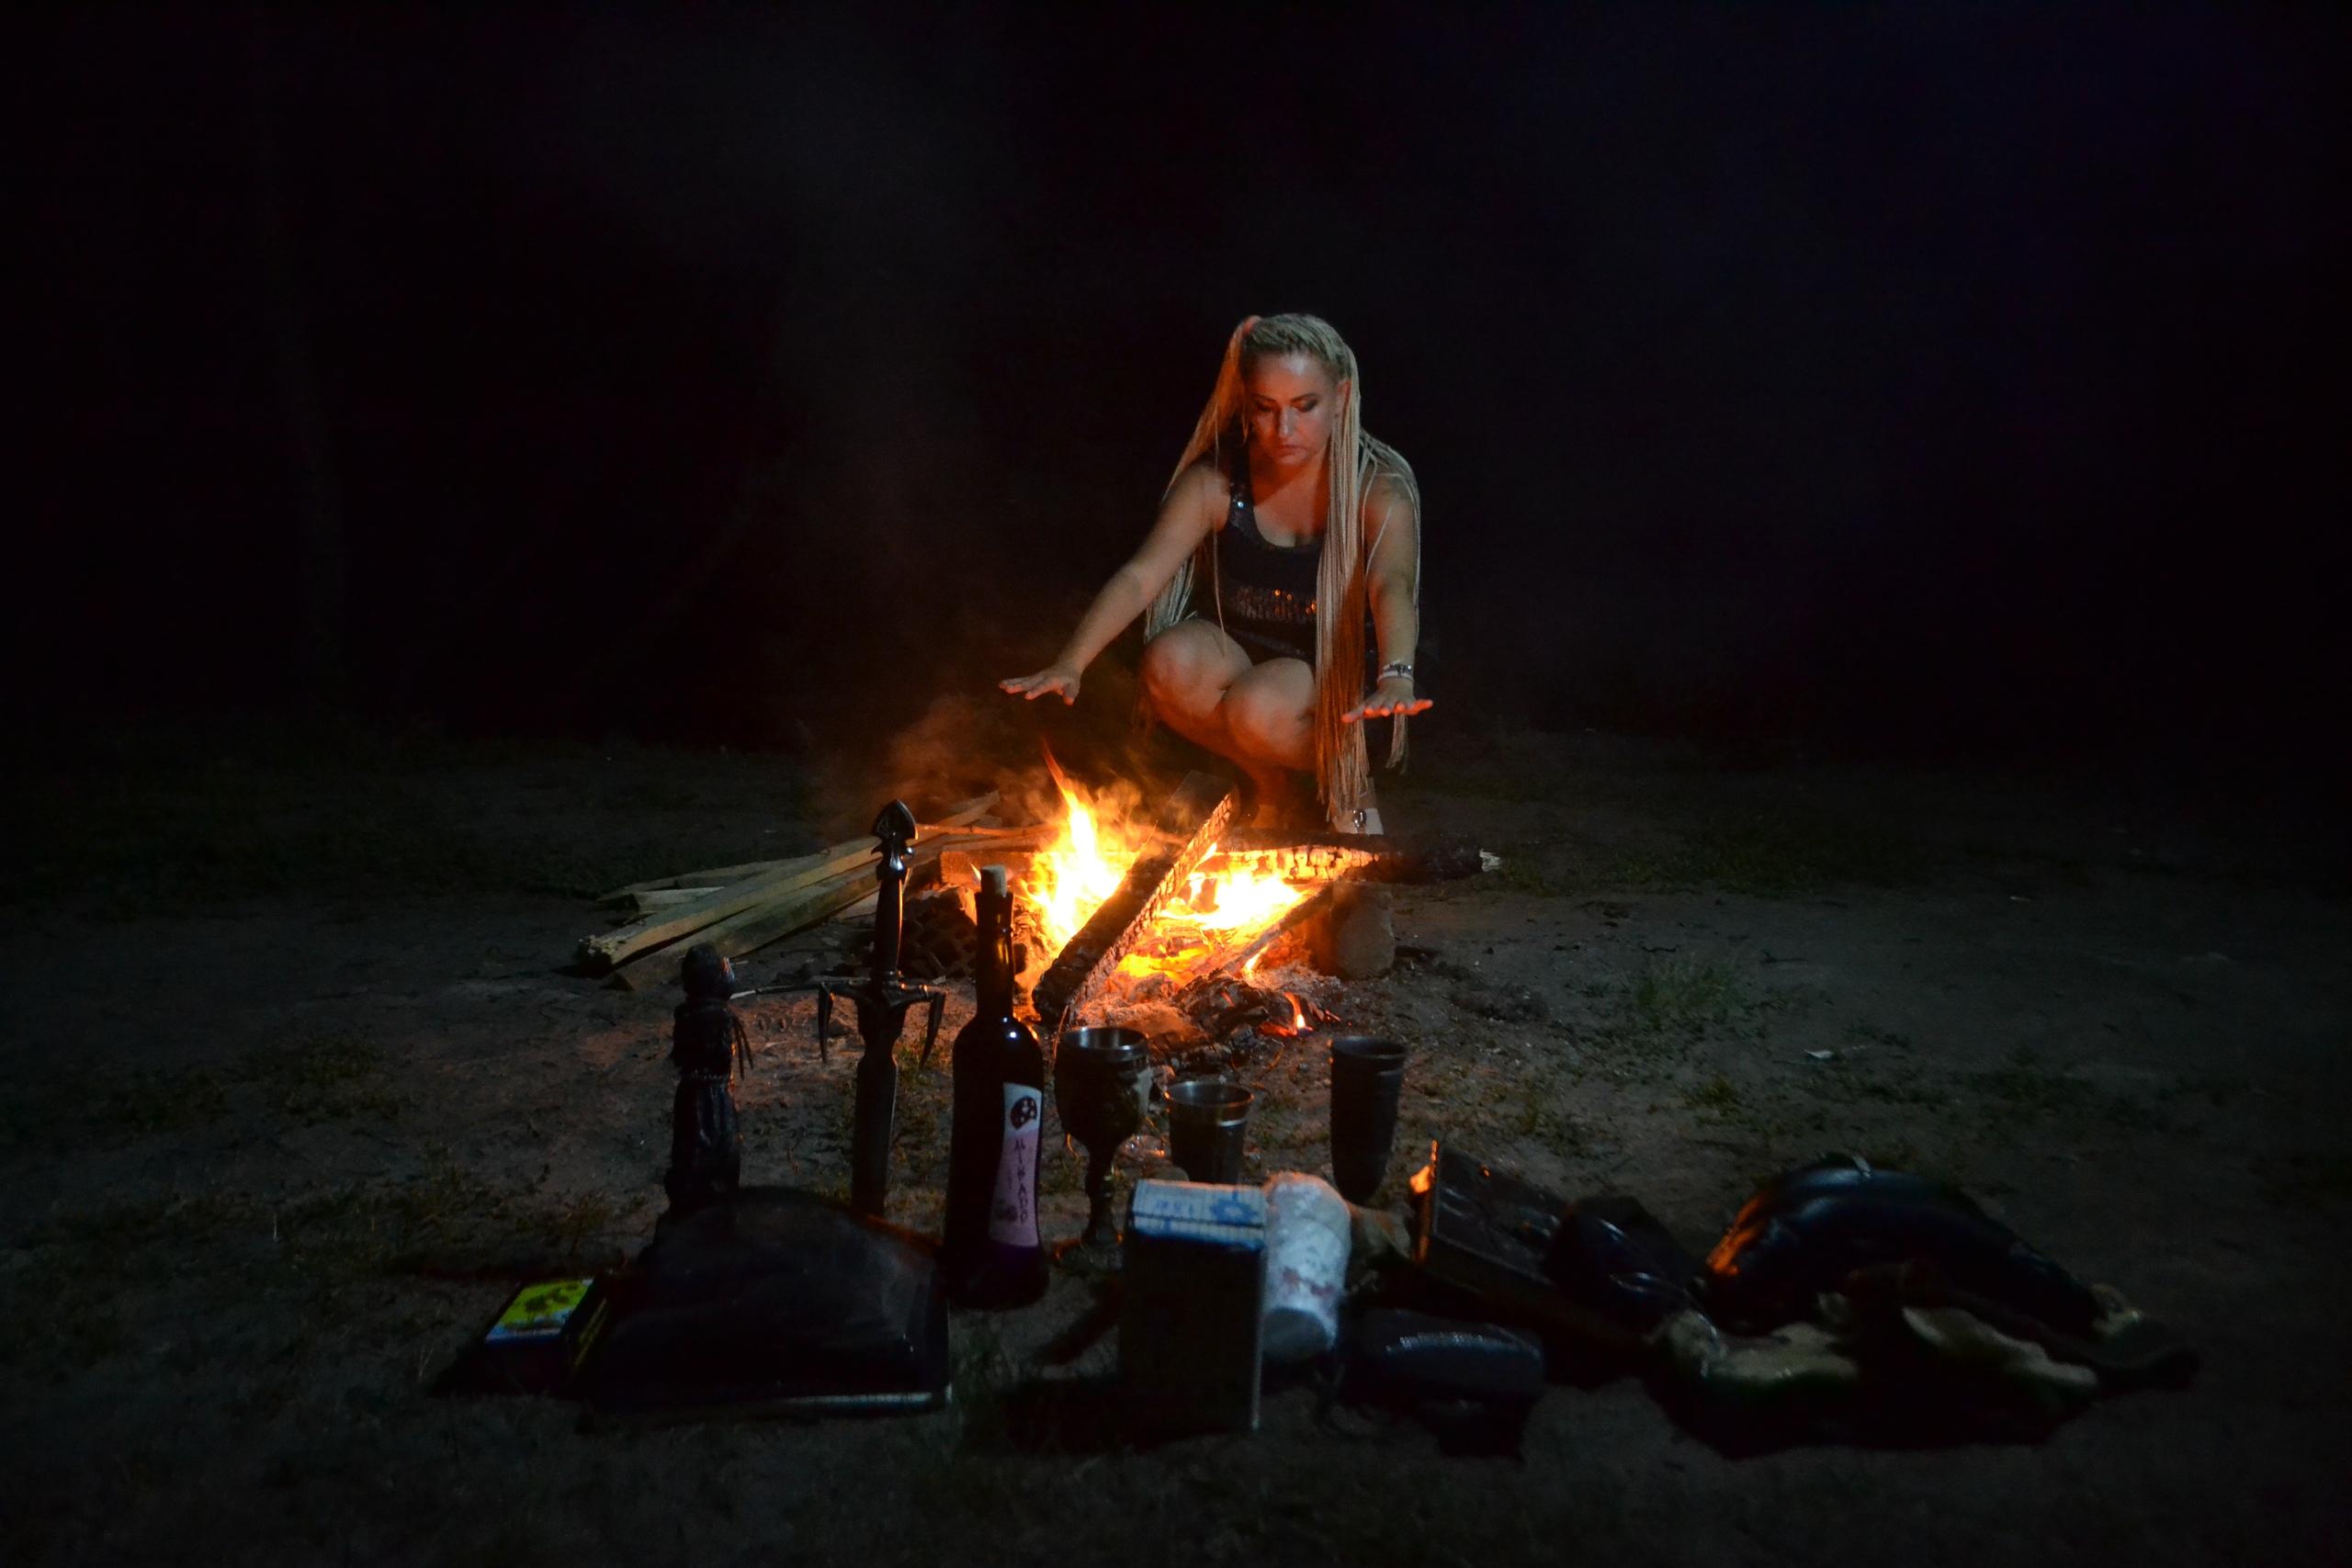 магическаяпомощь - Online Школа Магии Елены Руденко ( беЗоплатное обучение ). - Страница 3 GZDntM2HPVs